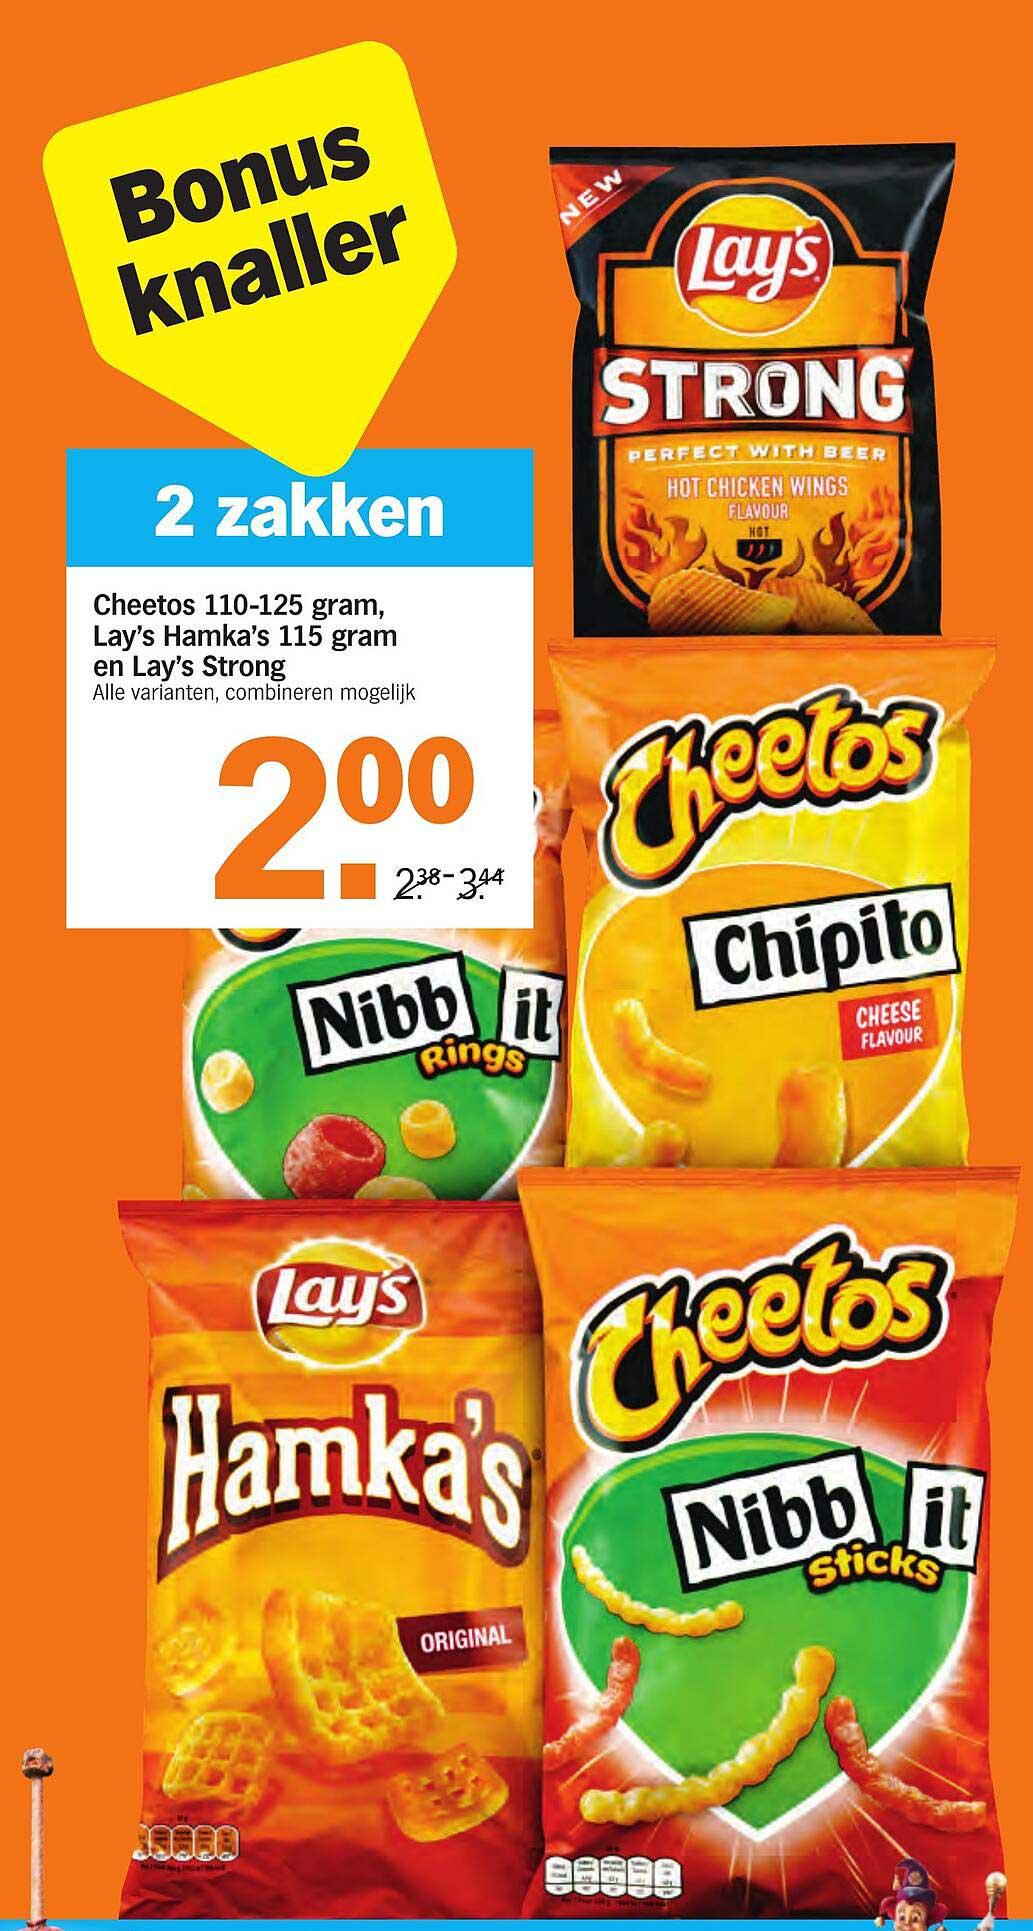 Albert Heijn Cheetos 110-125 Gram, Lay's Hamka's 115 Gram En Lay's Strong